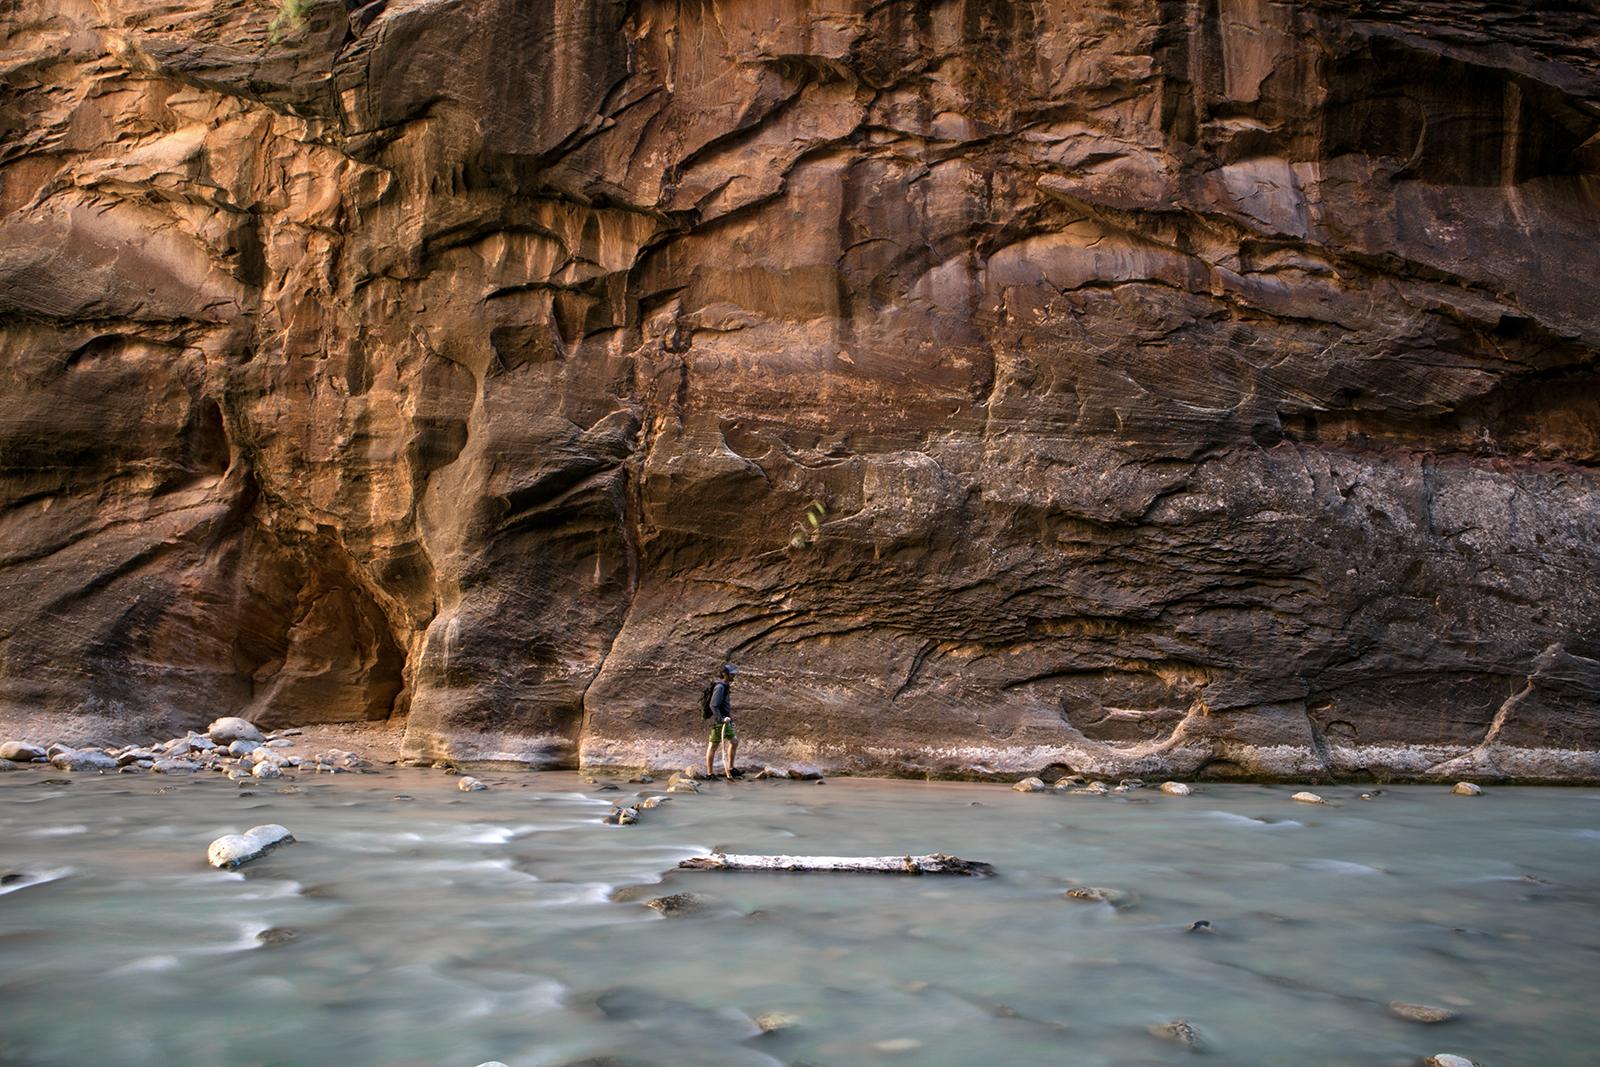 Visiter Zion : la randonnée aquatique The Narrows